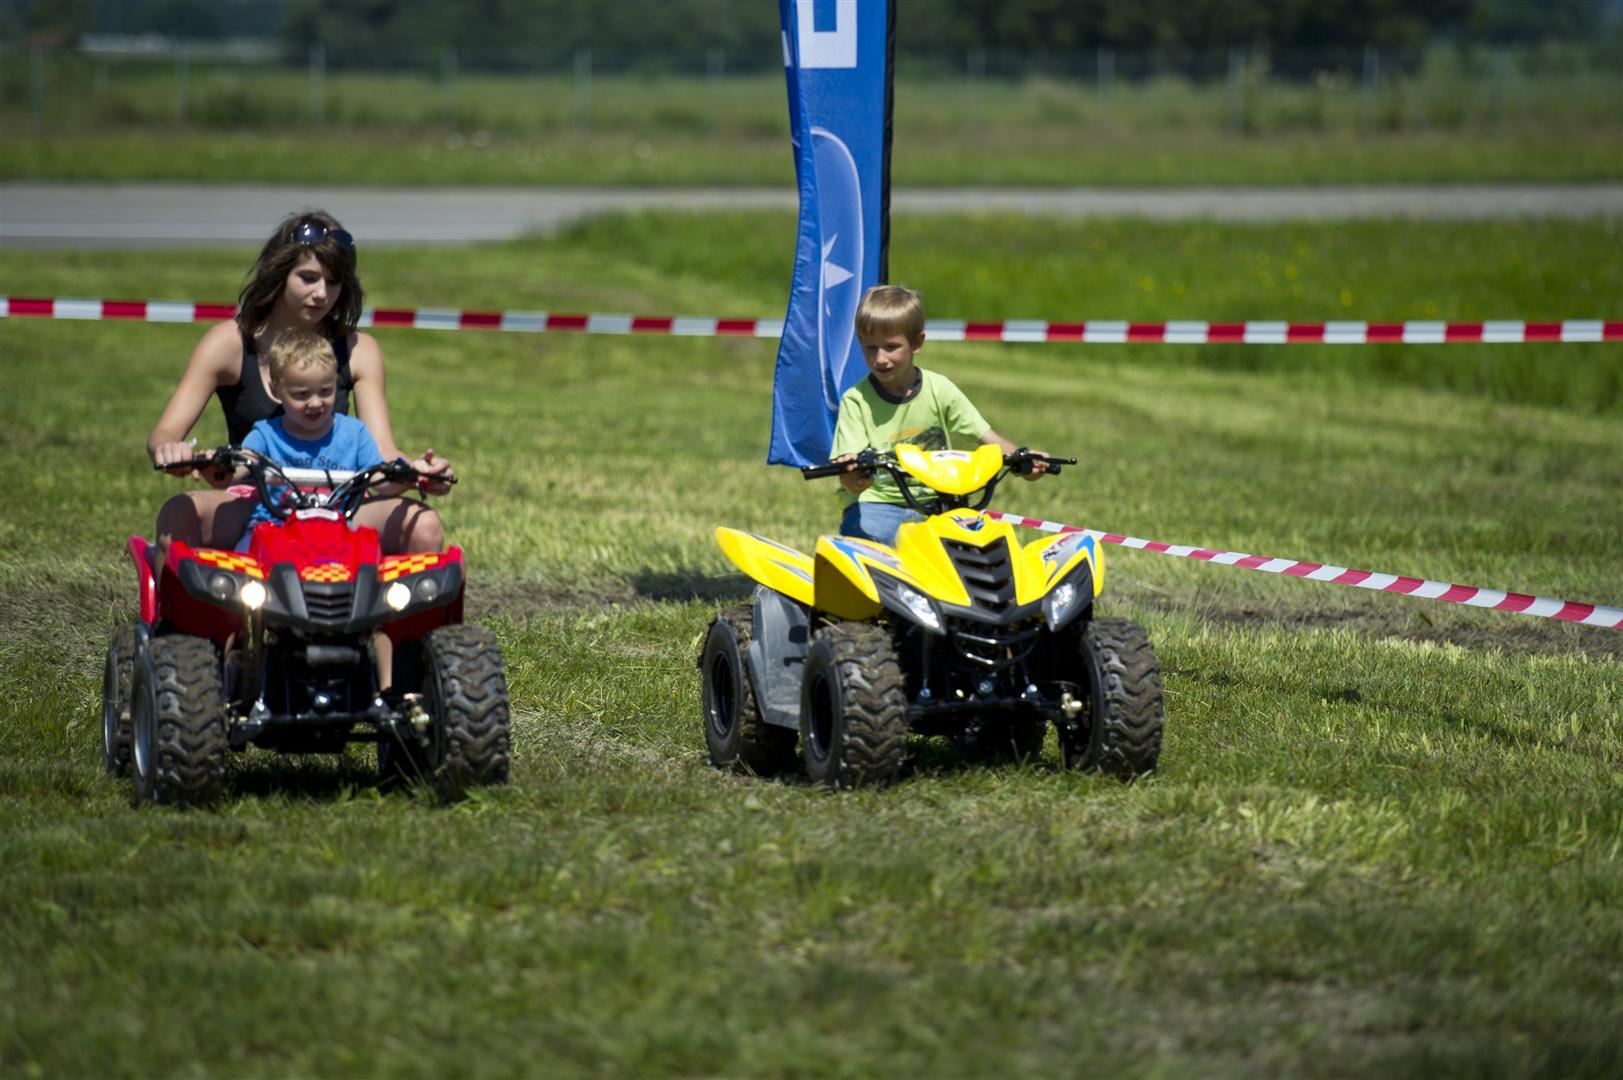 Kinderflugtag Hohenems000403 (Large)